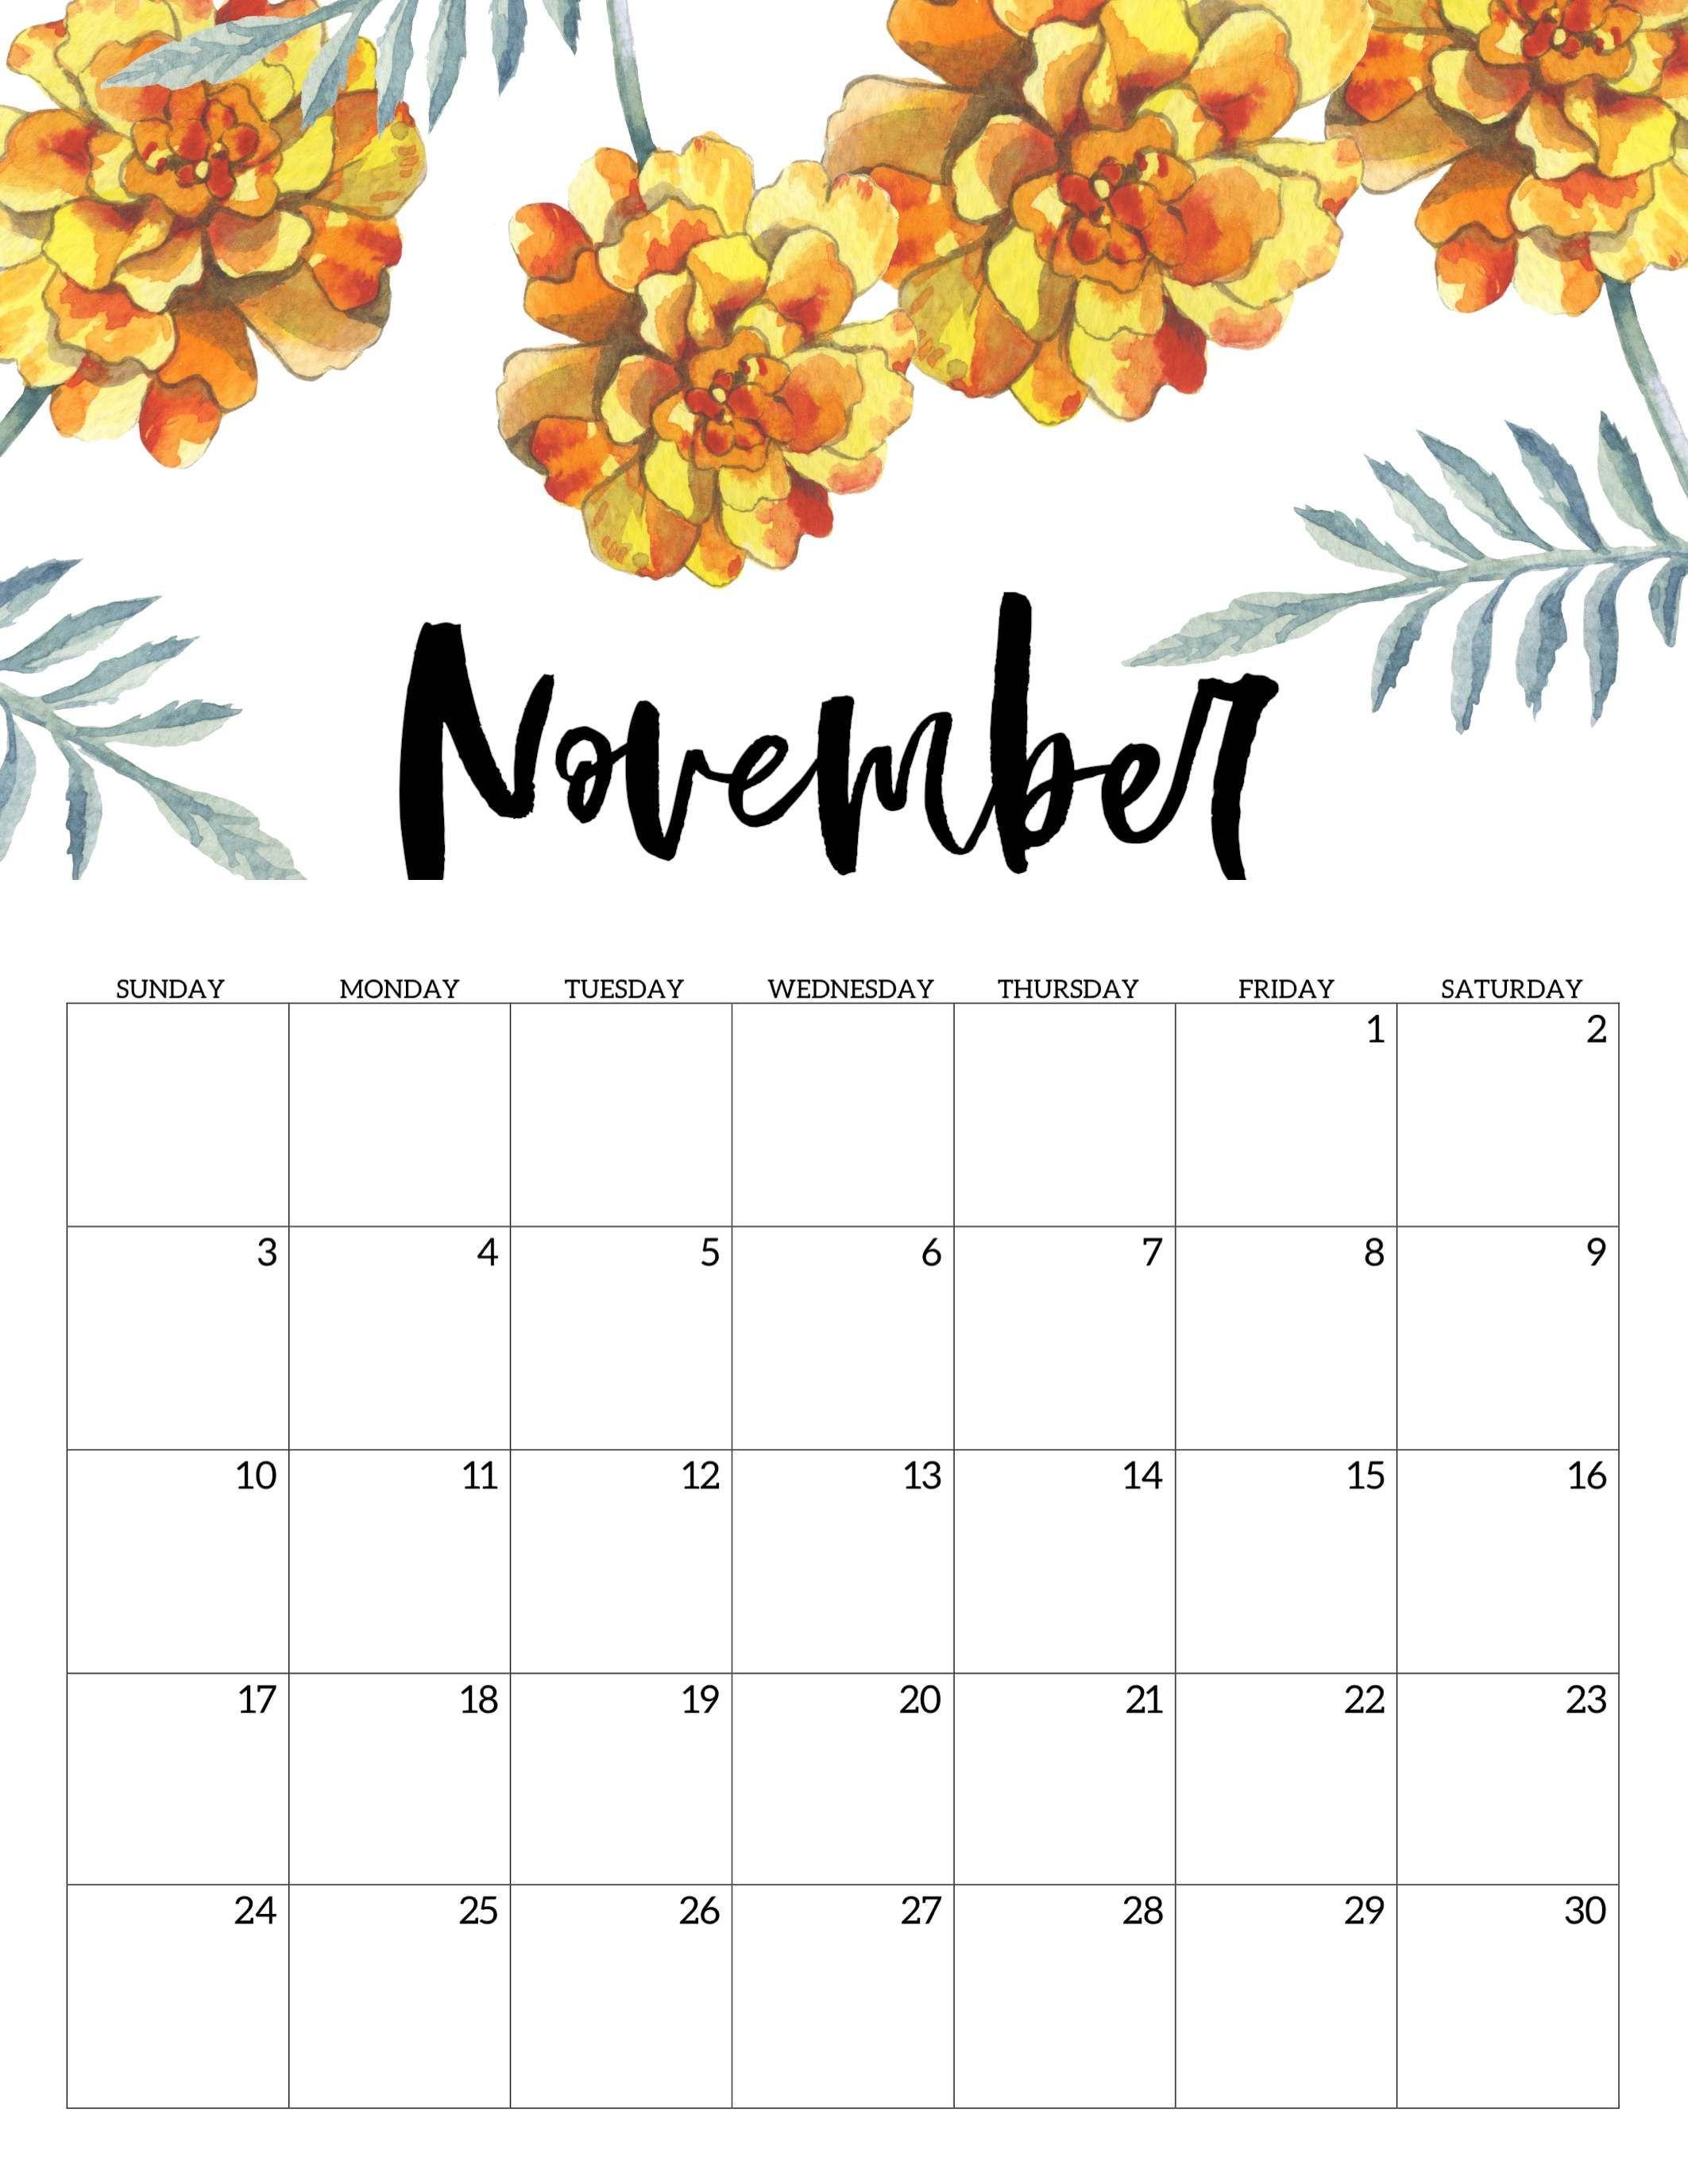 2019 November Wall Calendar Printable | Calendar ...